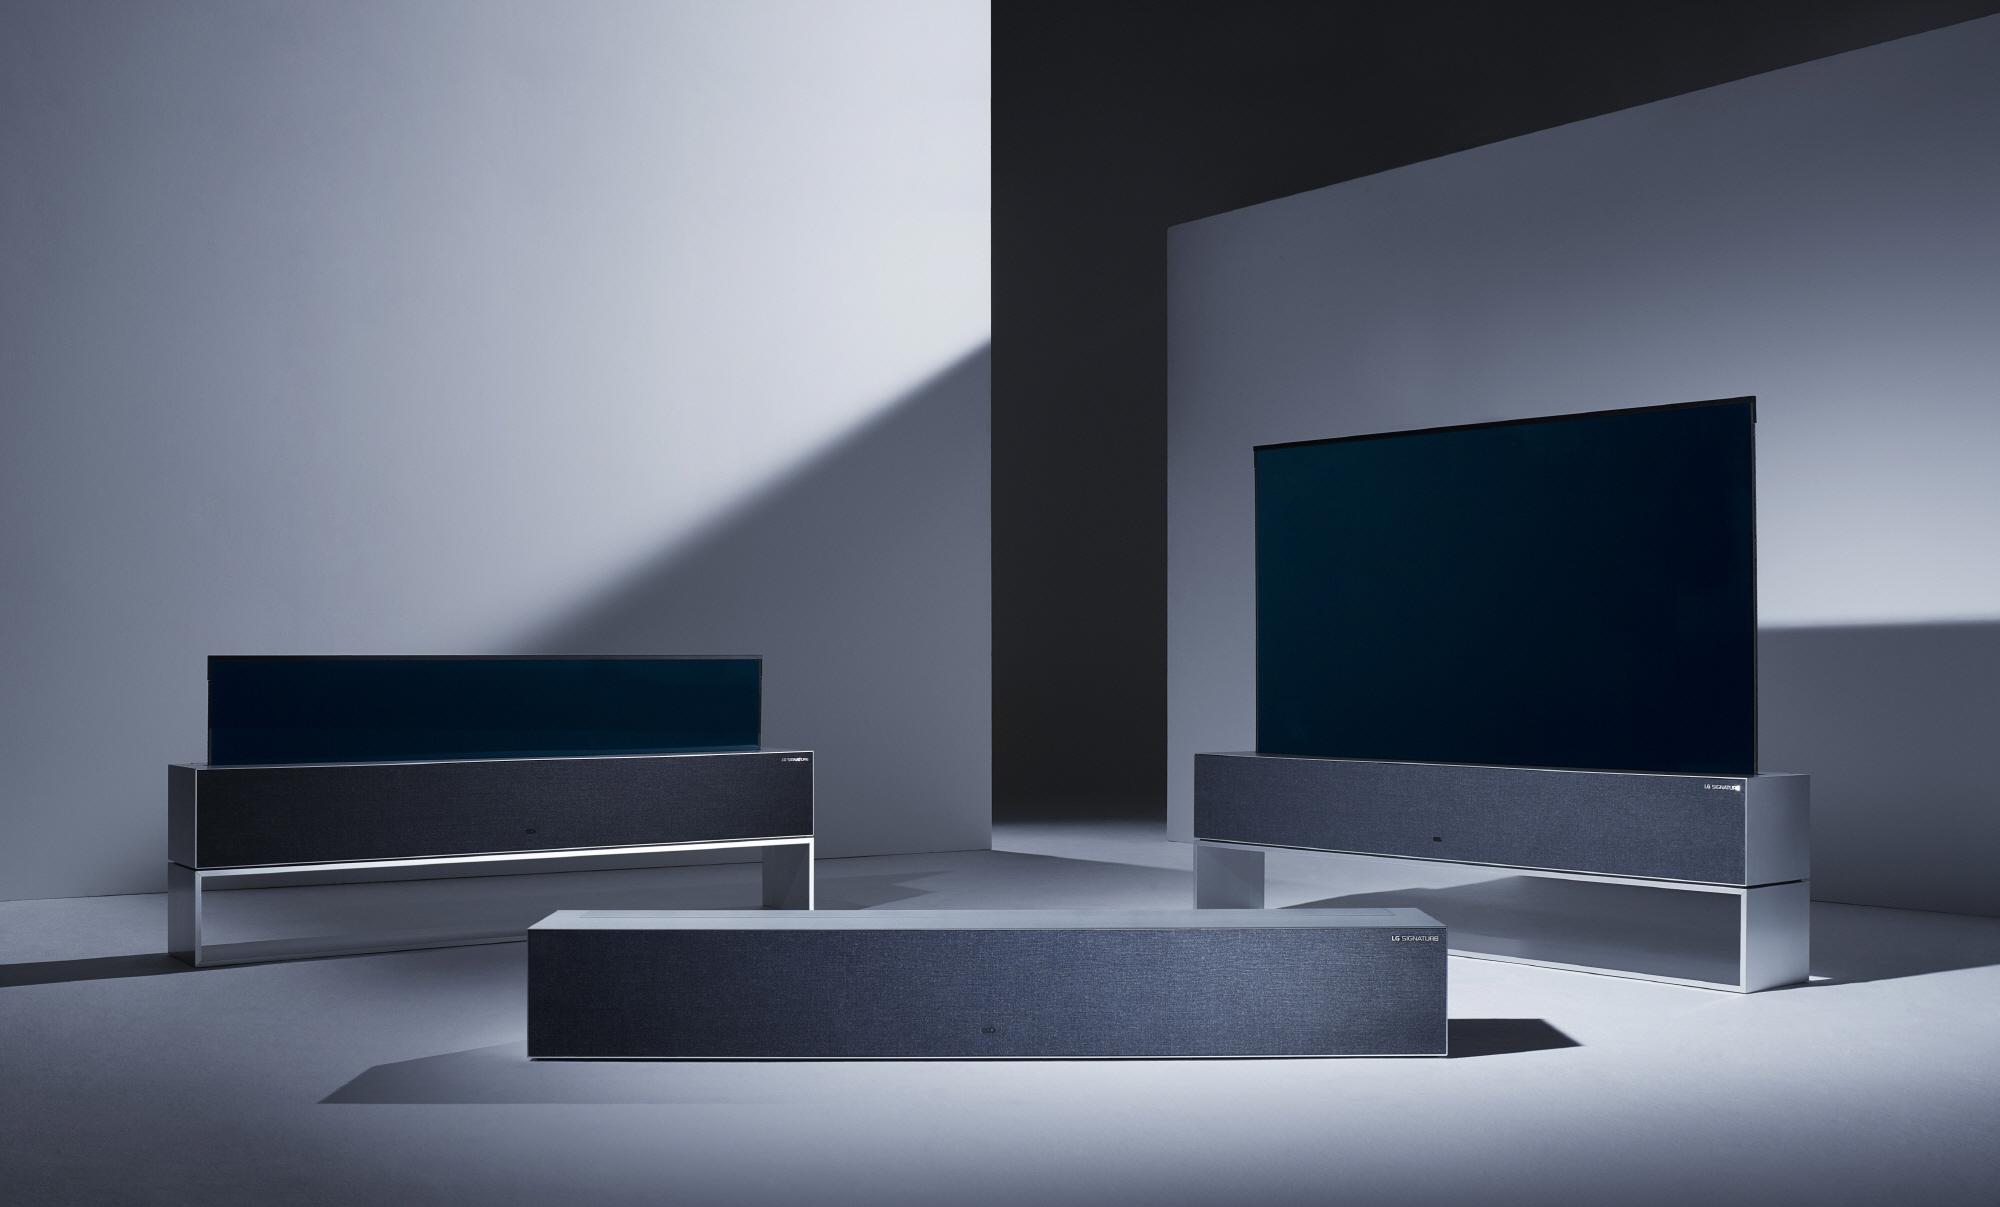 세계 3대 디자인상인 '레드닷 디자인 어워드(Red Dot Design Award)'에서 최고상(Best of the Best)을 받은 LG 시그니처 올레드 TV R